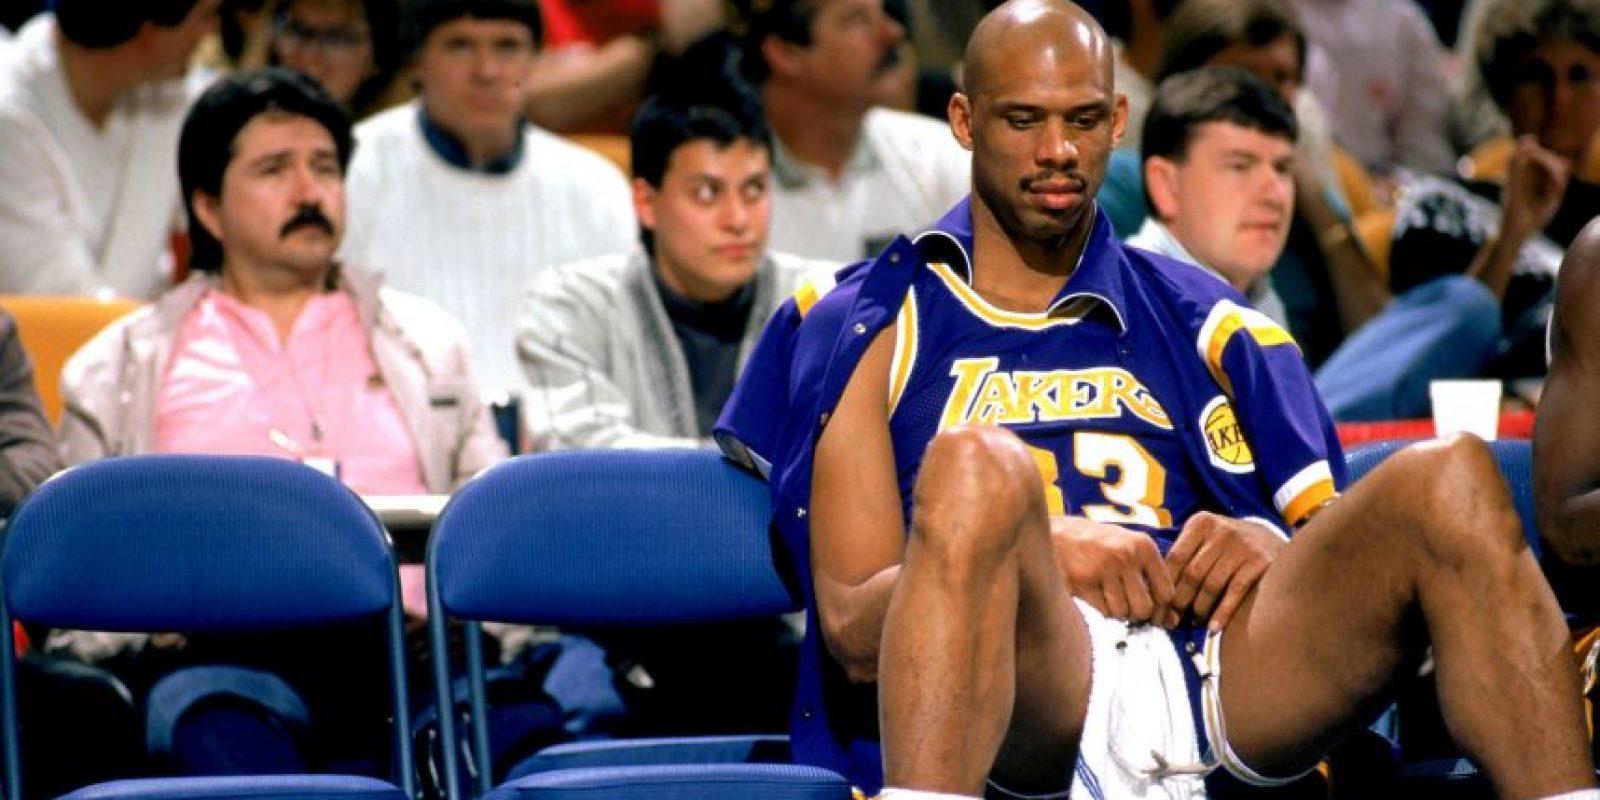 Uno de los mejores jugadores de la NBA de todos los tiempos fue arrestado en 200o por conducir bajo los efectos de la marihuana Foto:Getty Images